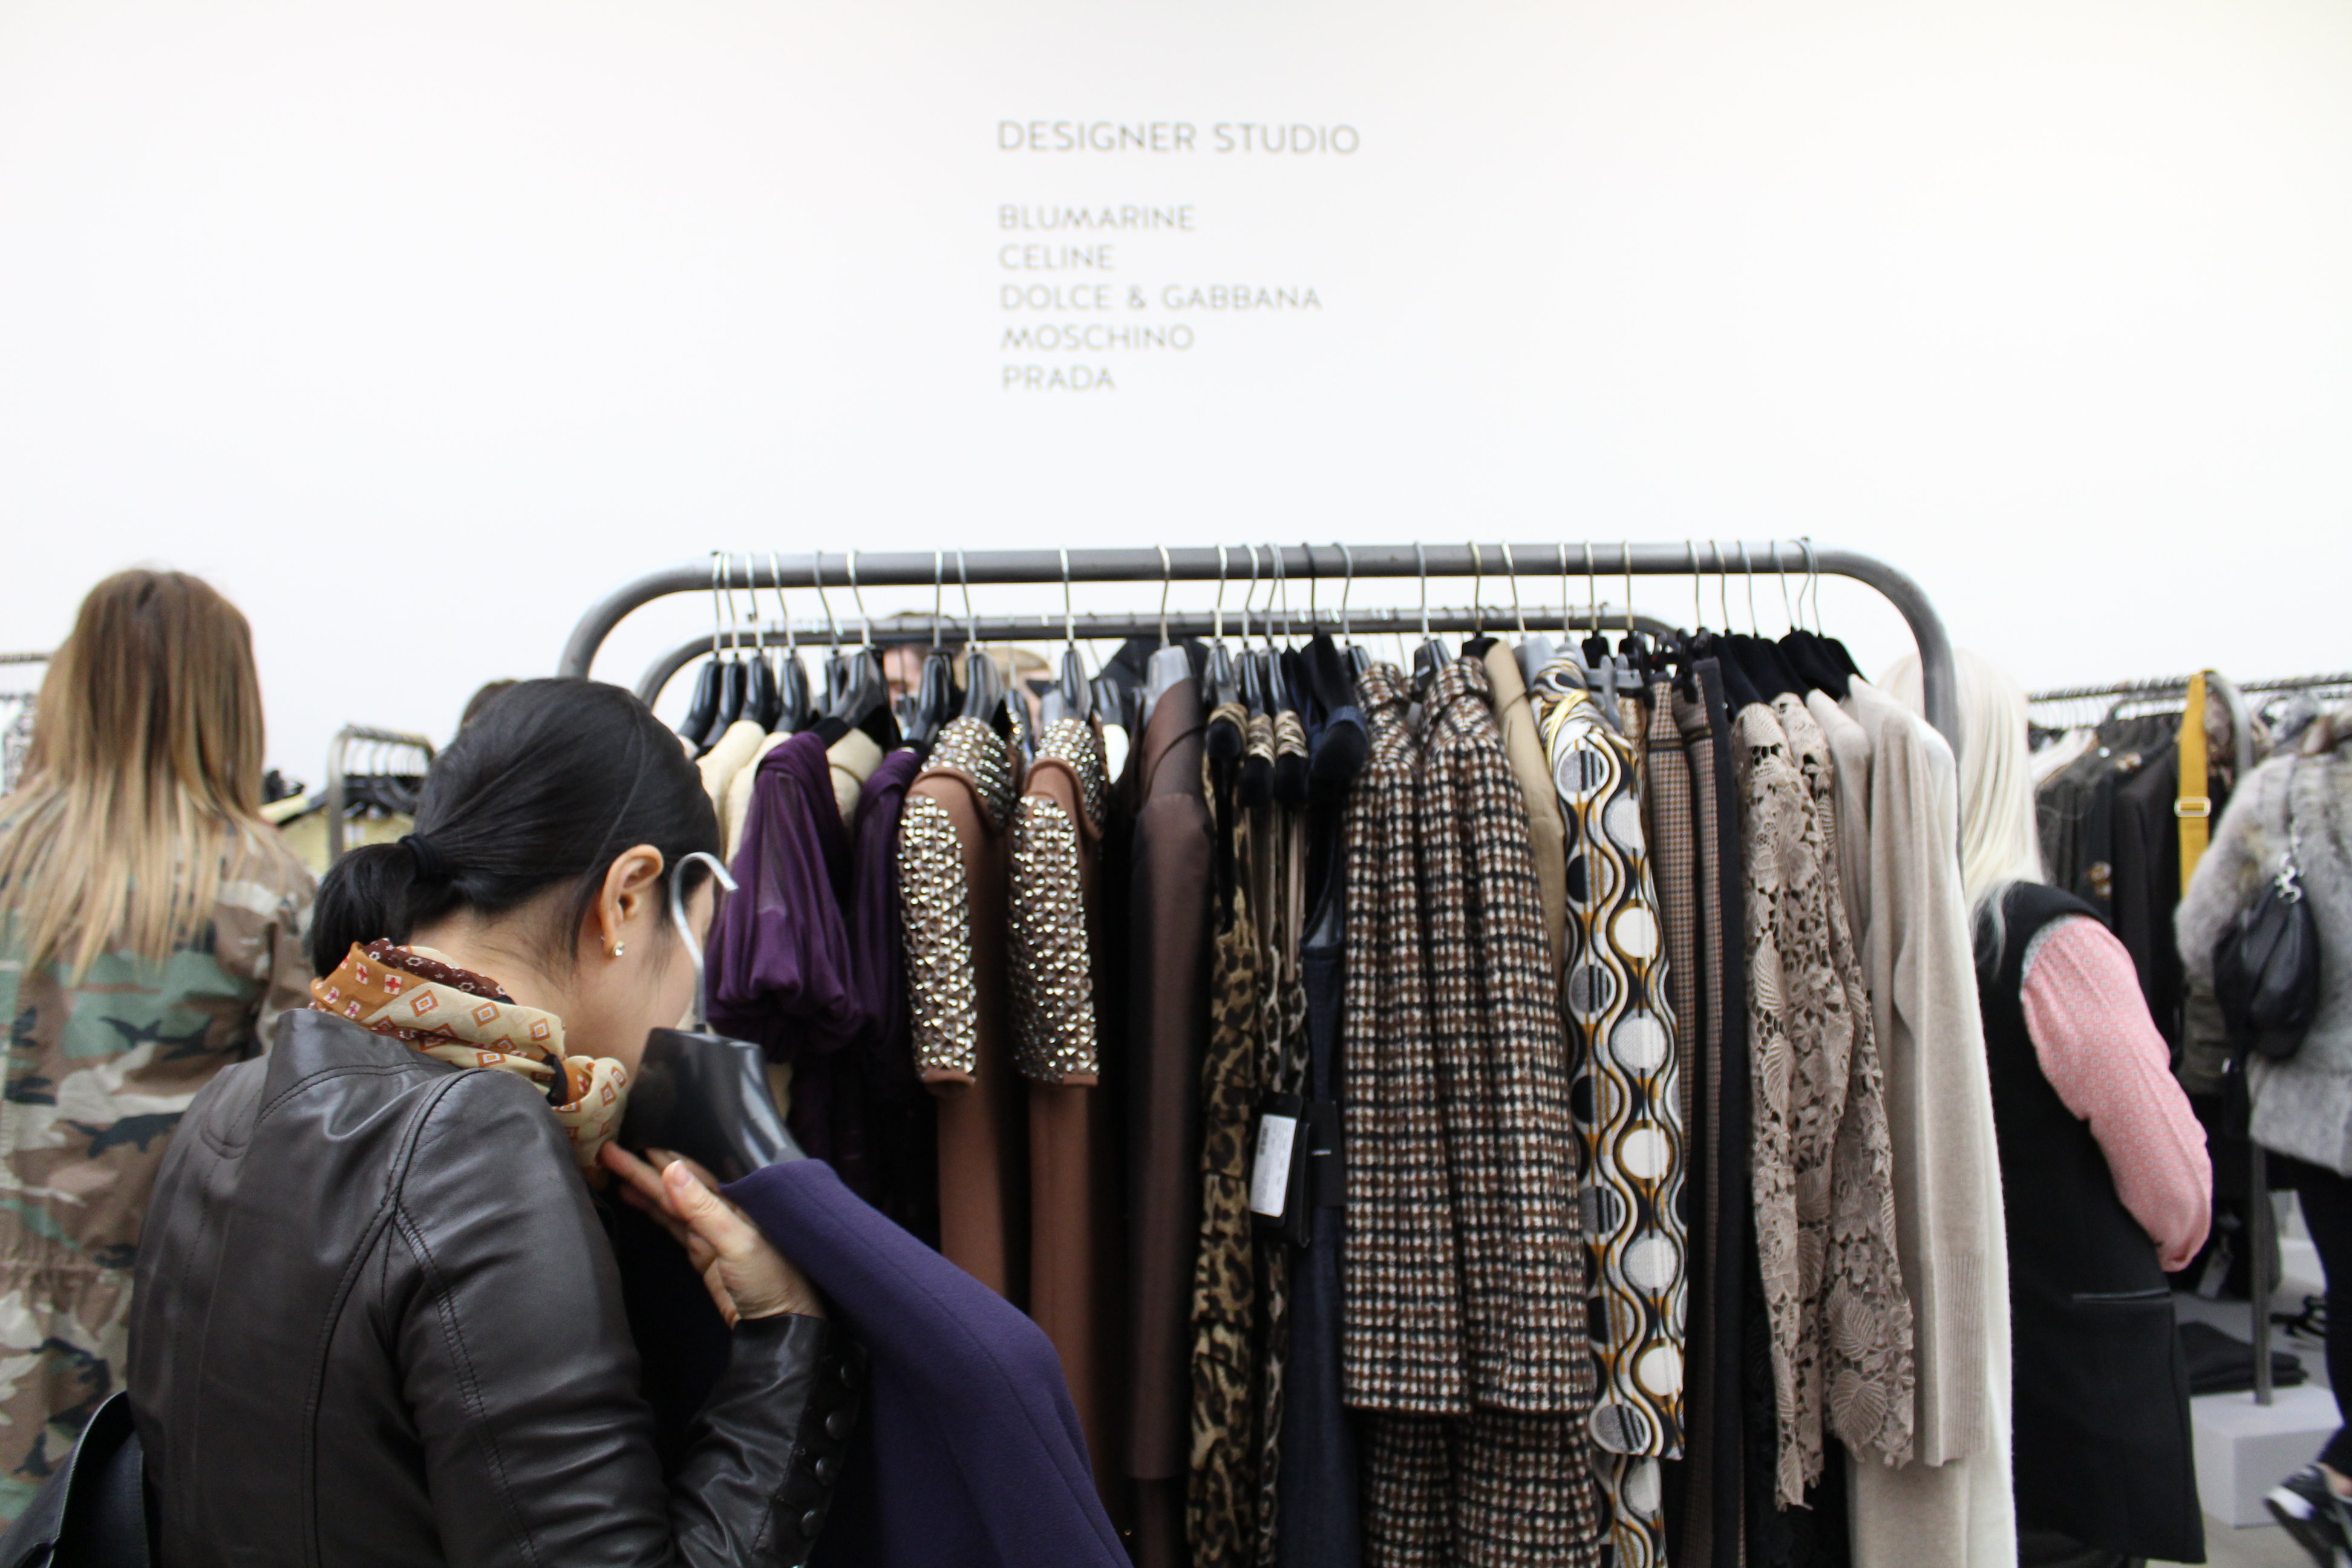 Pop-up shop including Moschino, Dolce & Gabana, Prada and Balenciaga